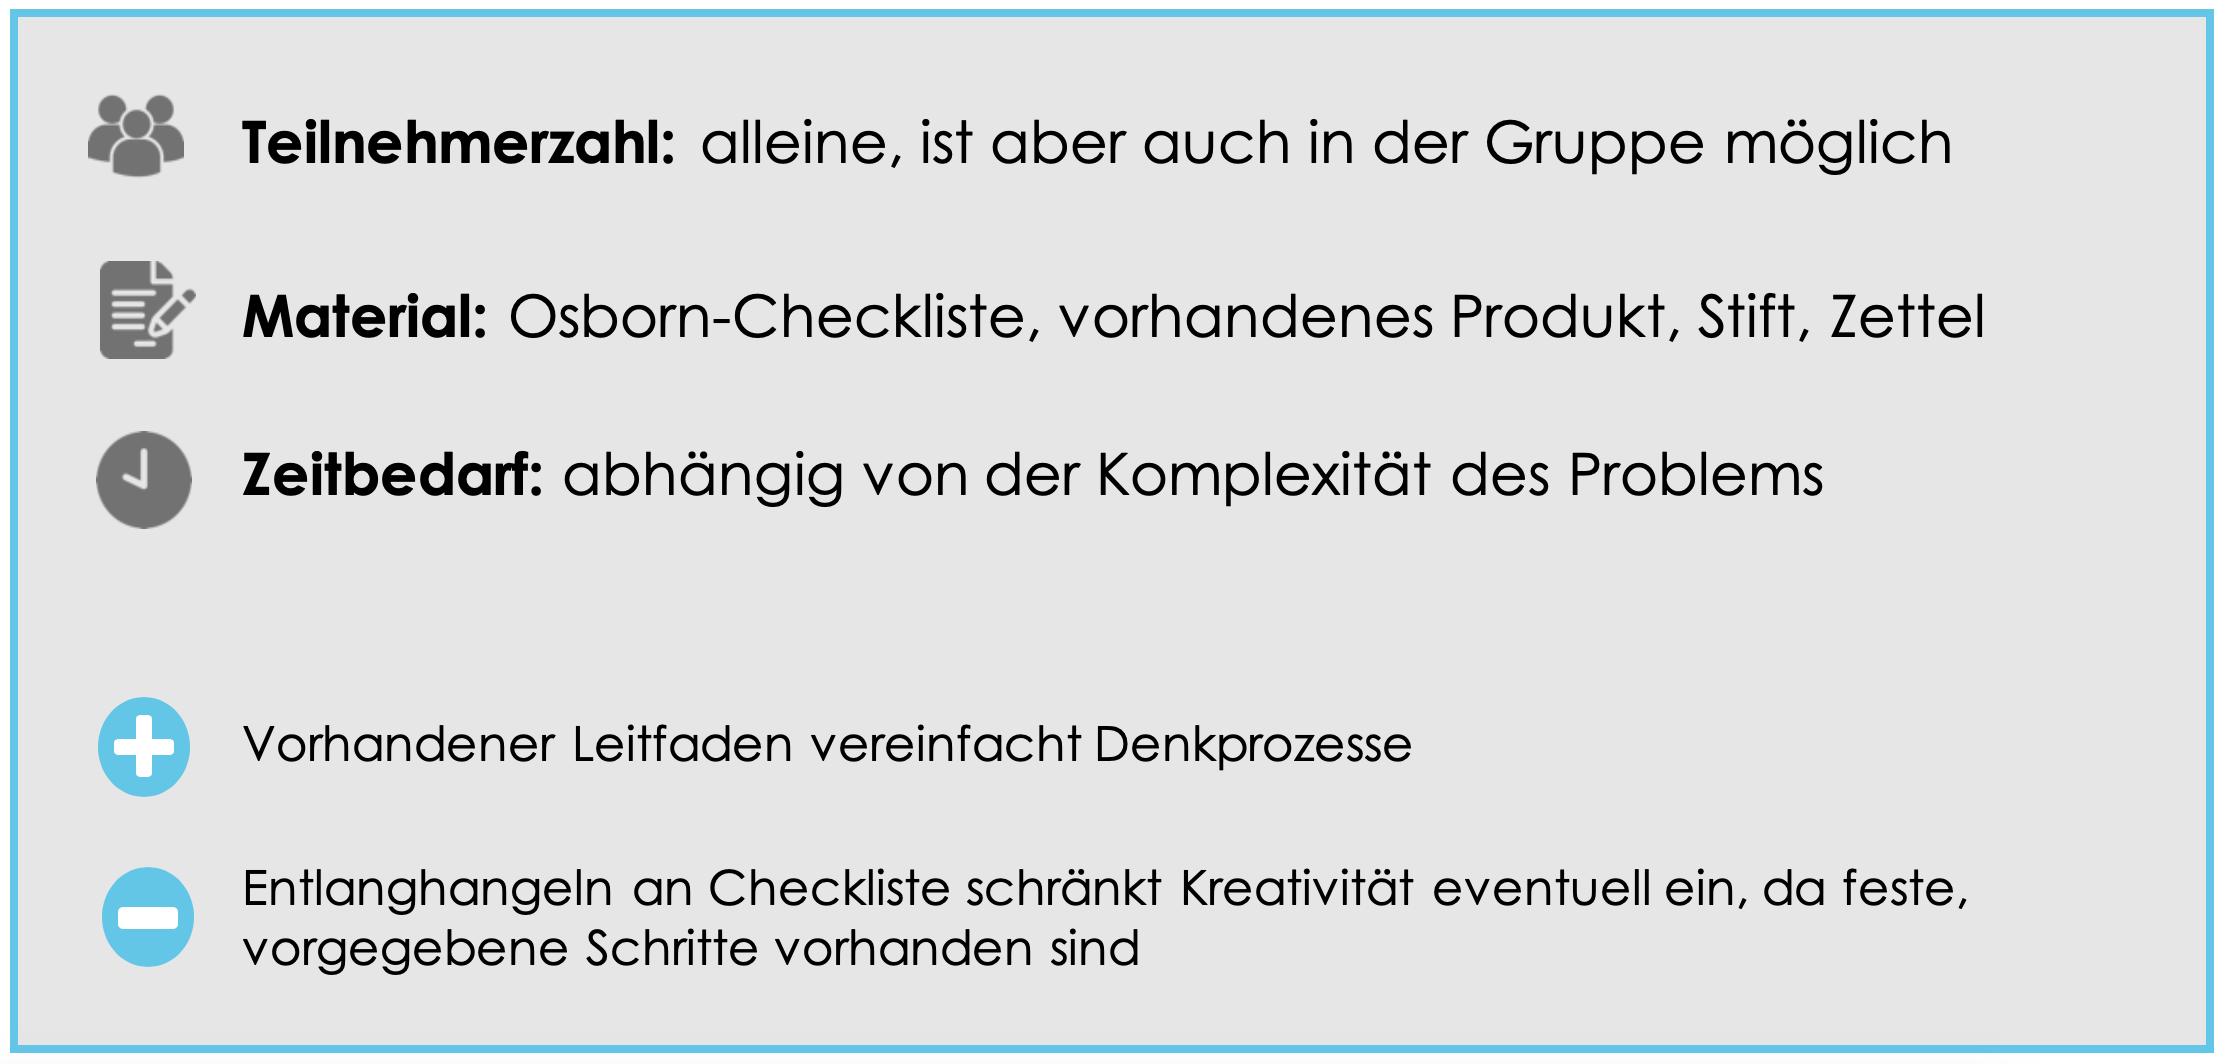 Kreativitätstechnik für Einzelpersonen: Osborn-Checkliste